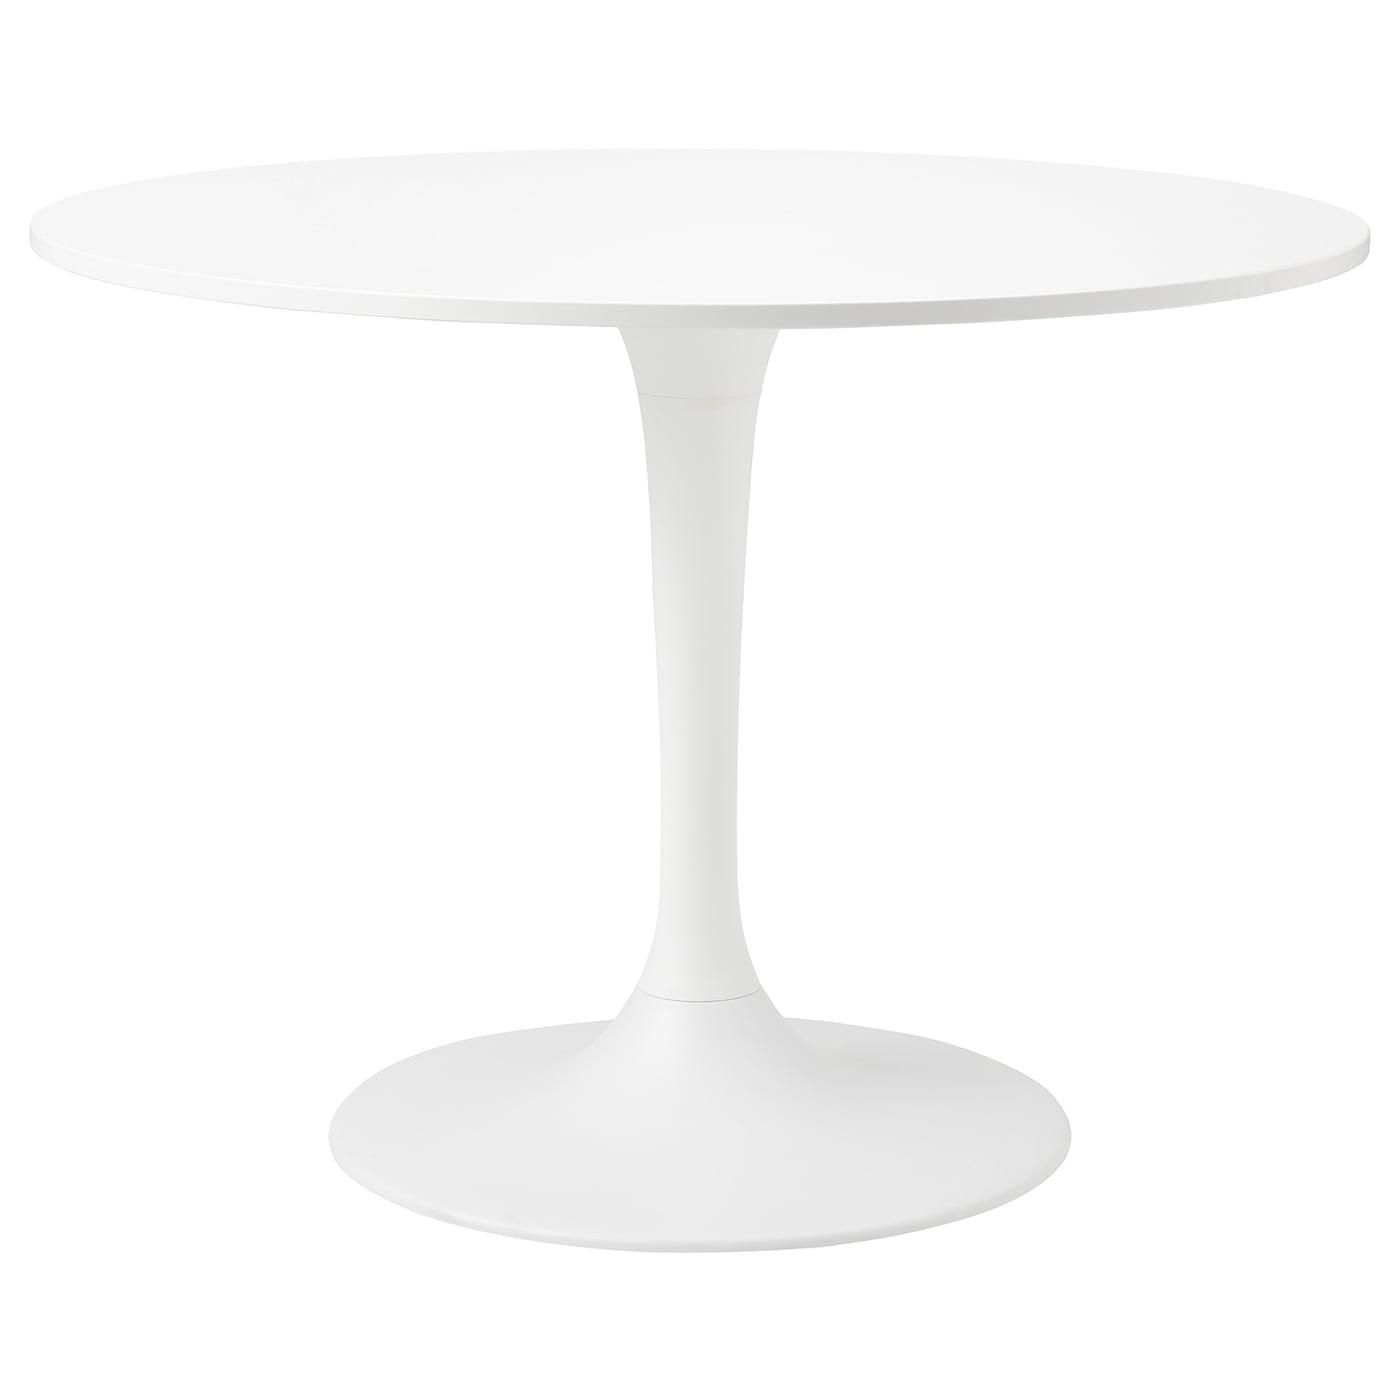 DOCKSTA Table   white/white 9 9/9